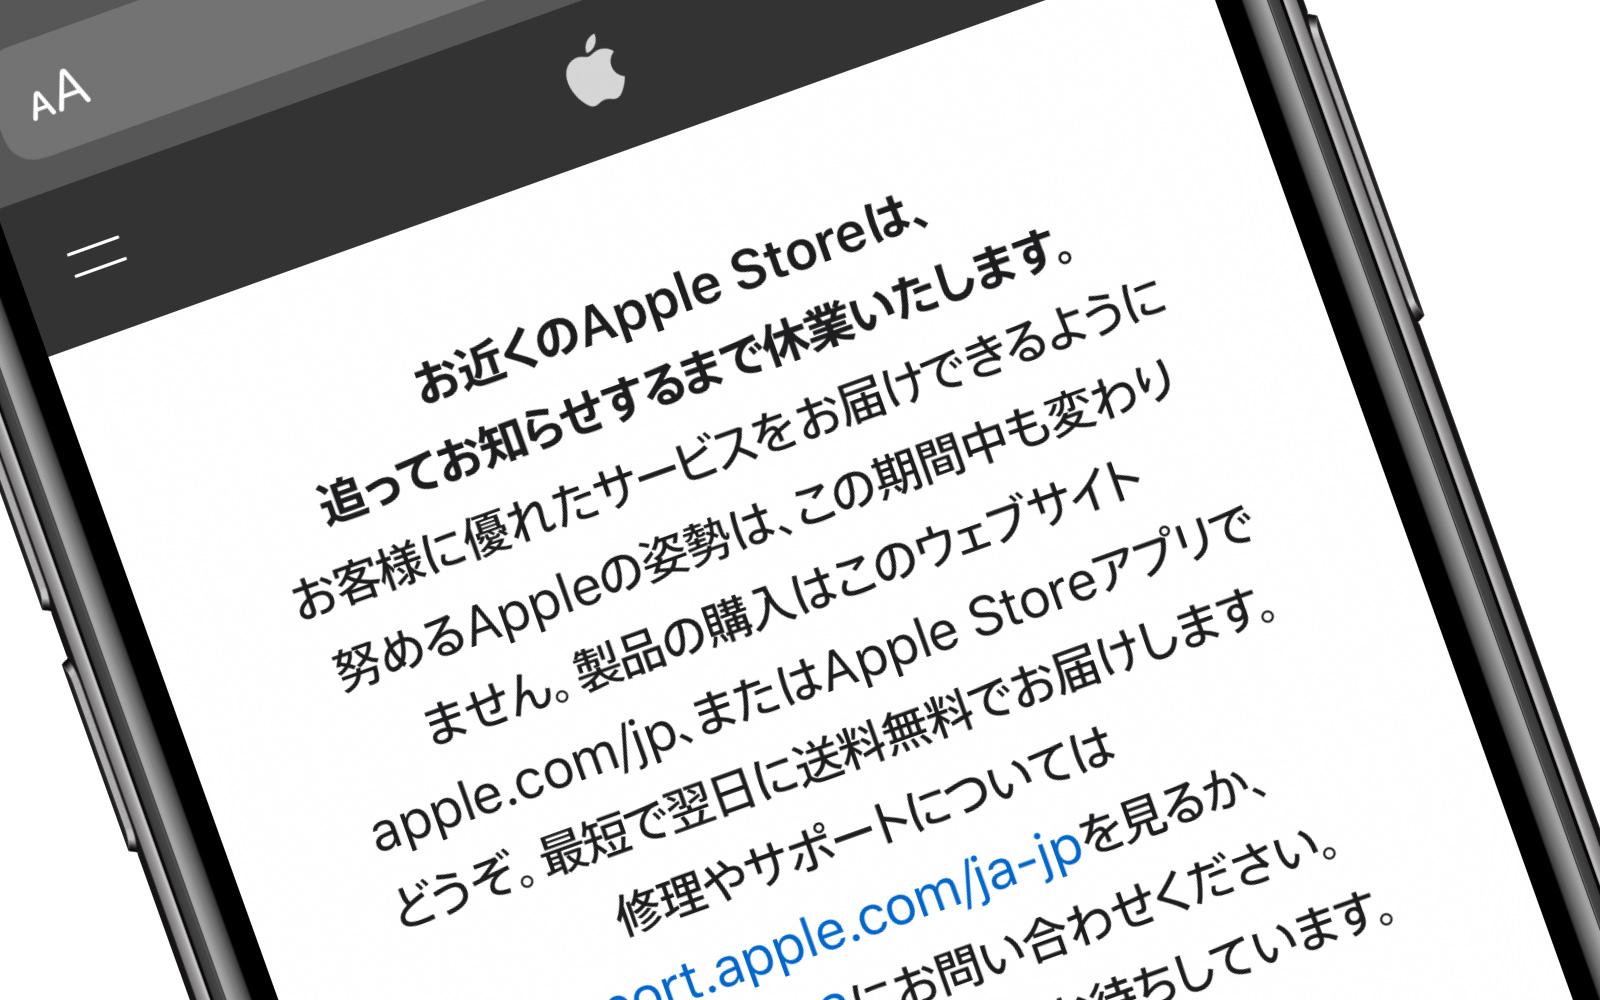 Apple-Store-closed-even-longer.jpg